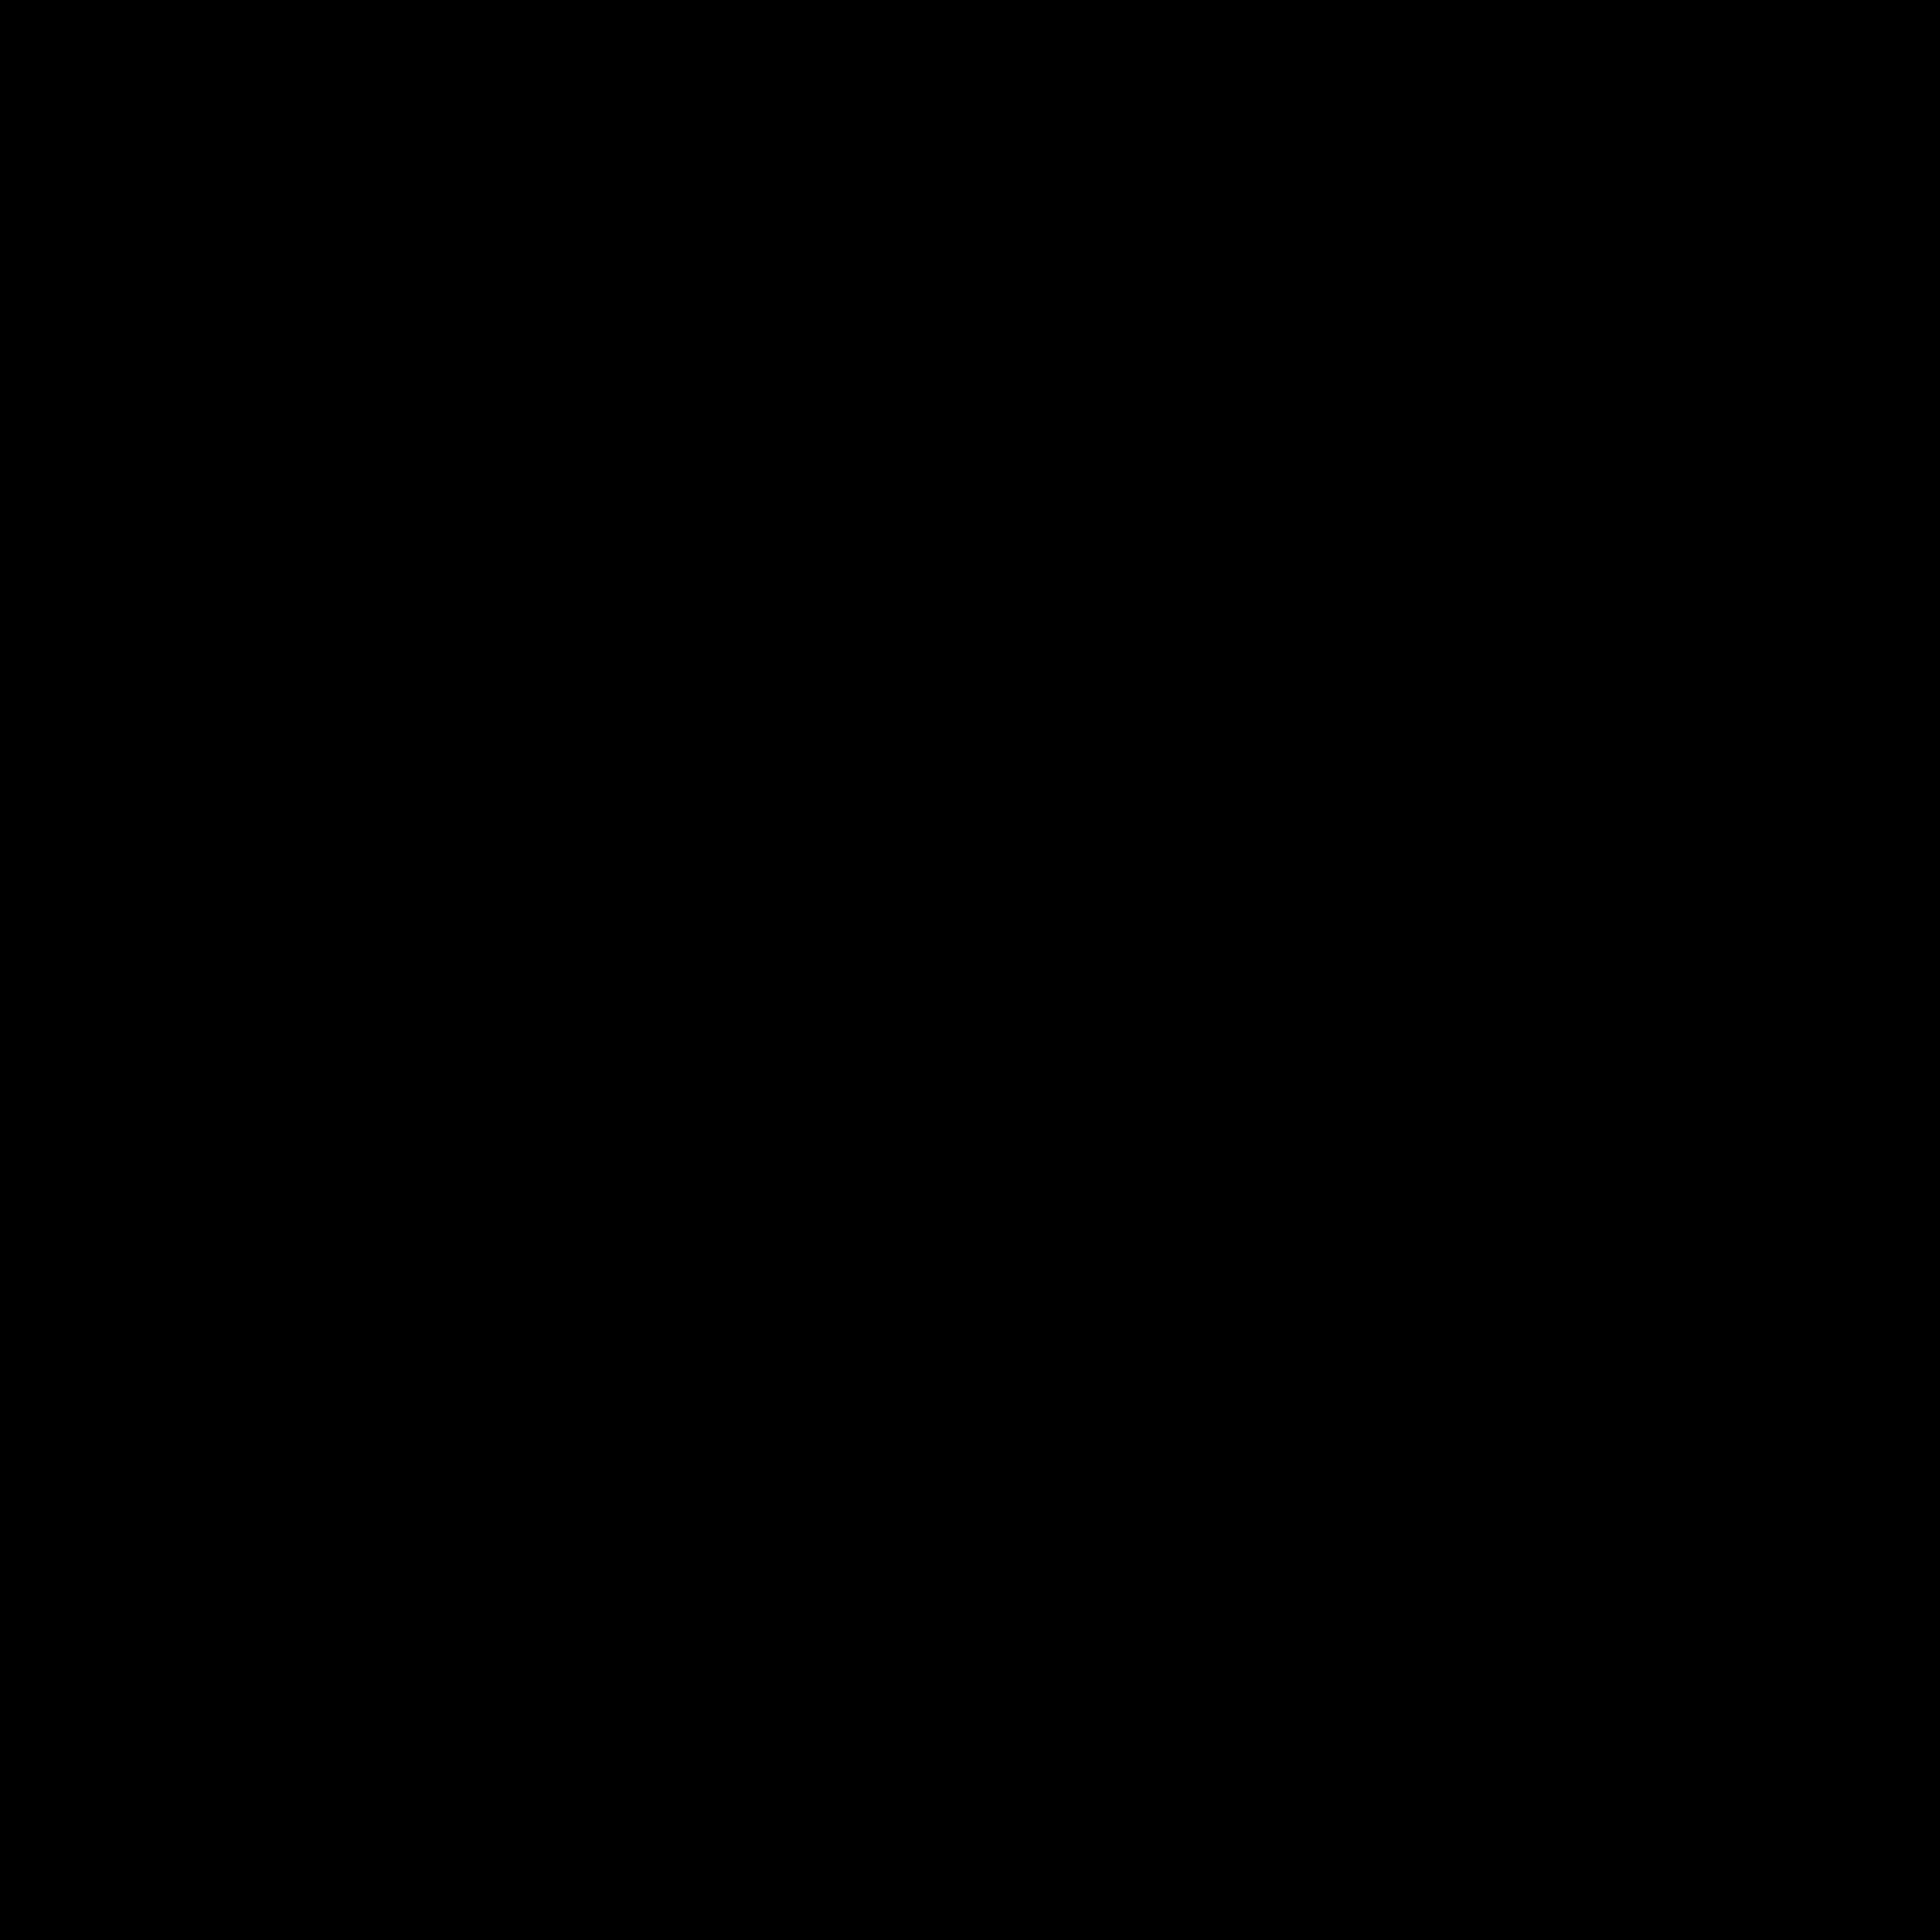 งานบริหารทรัพยากรมนุษย์แบบมือใหม่(HR FOR